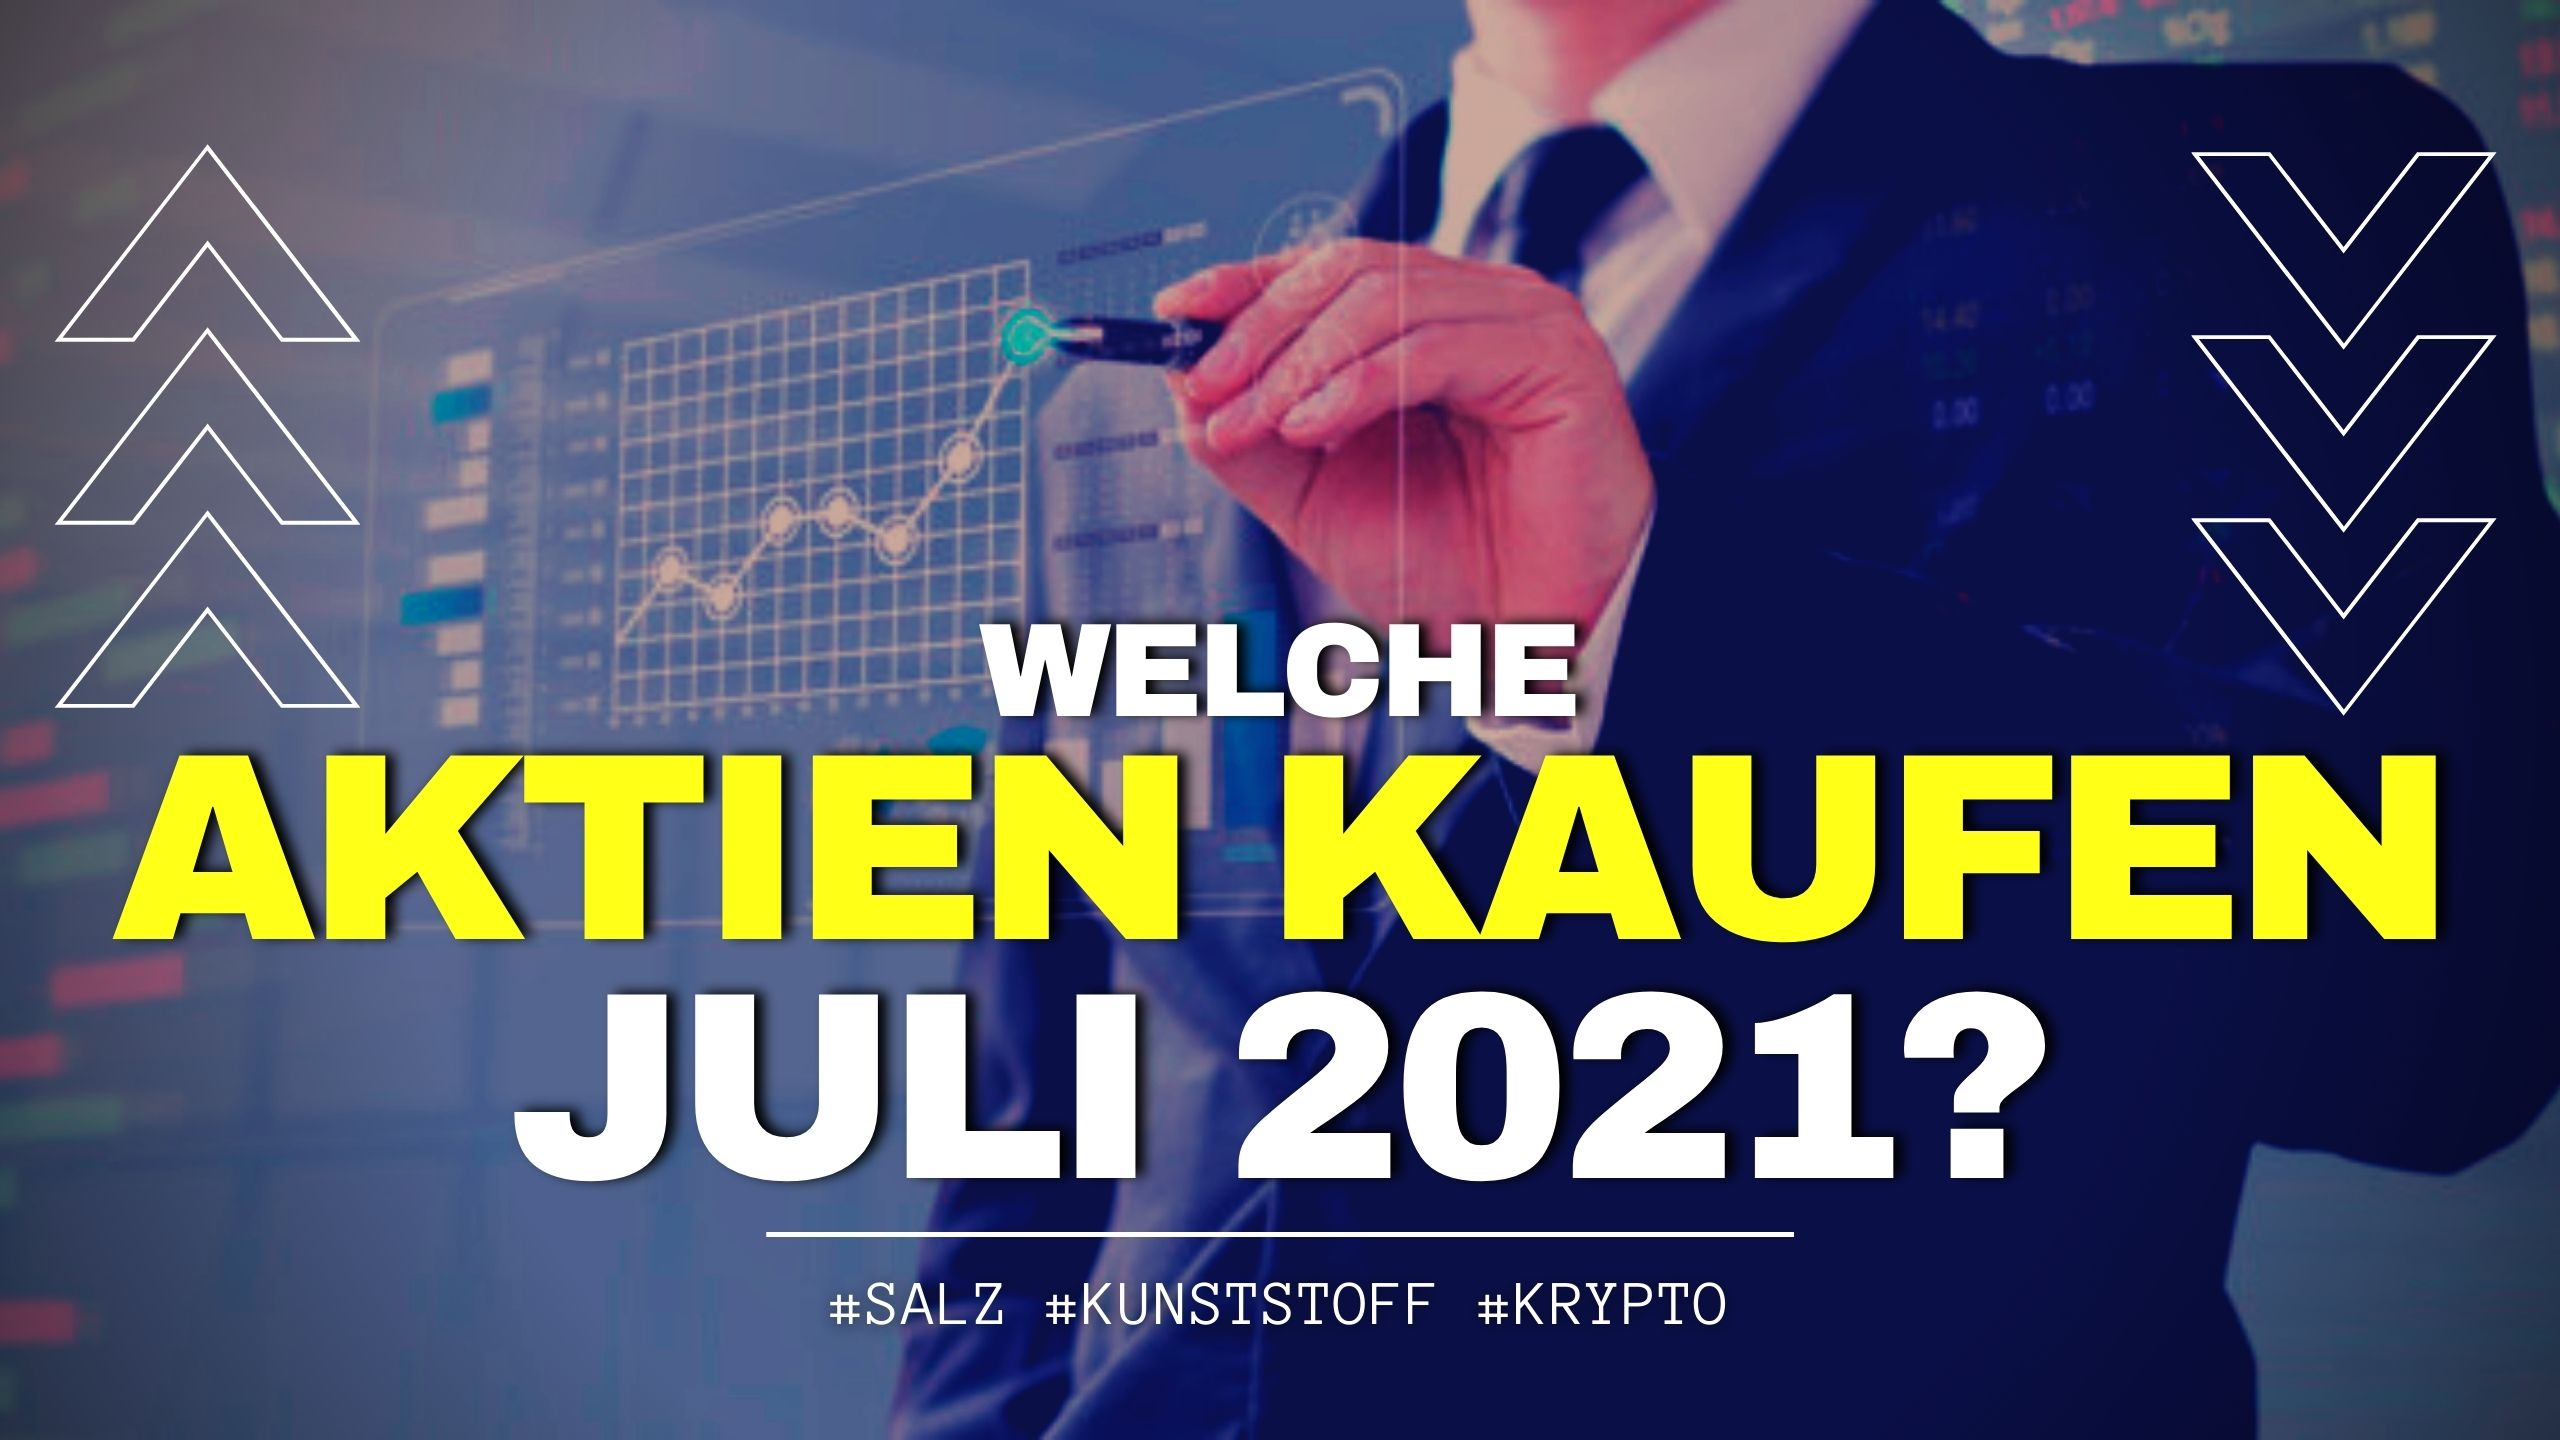 Welche Aktien kaufen Juli 2021?